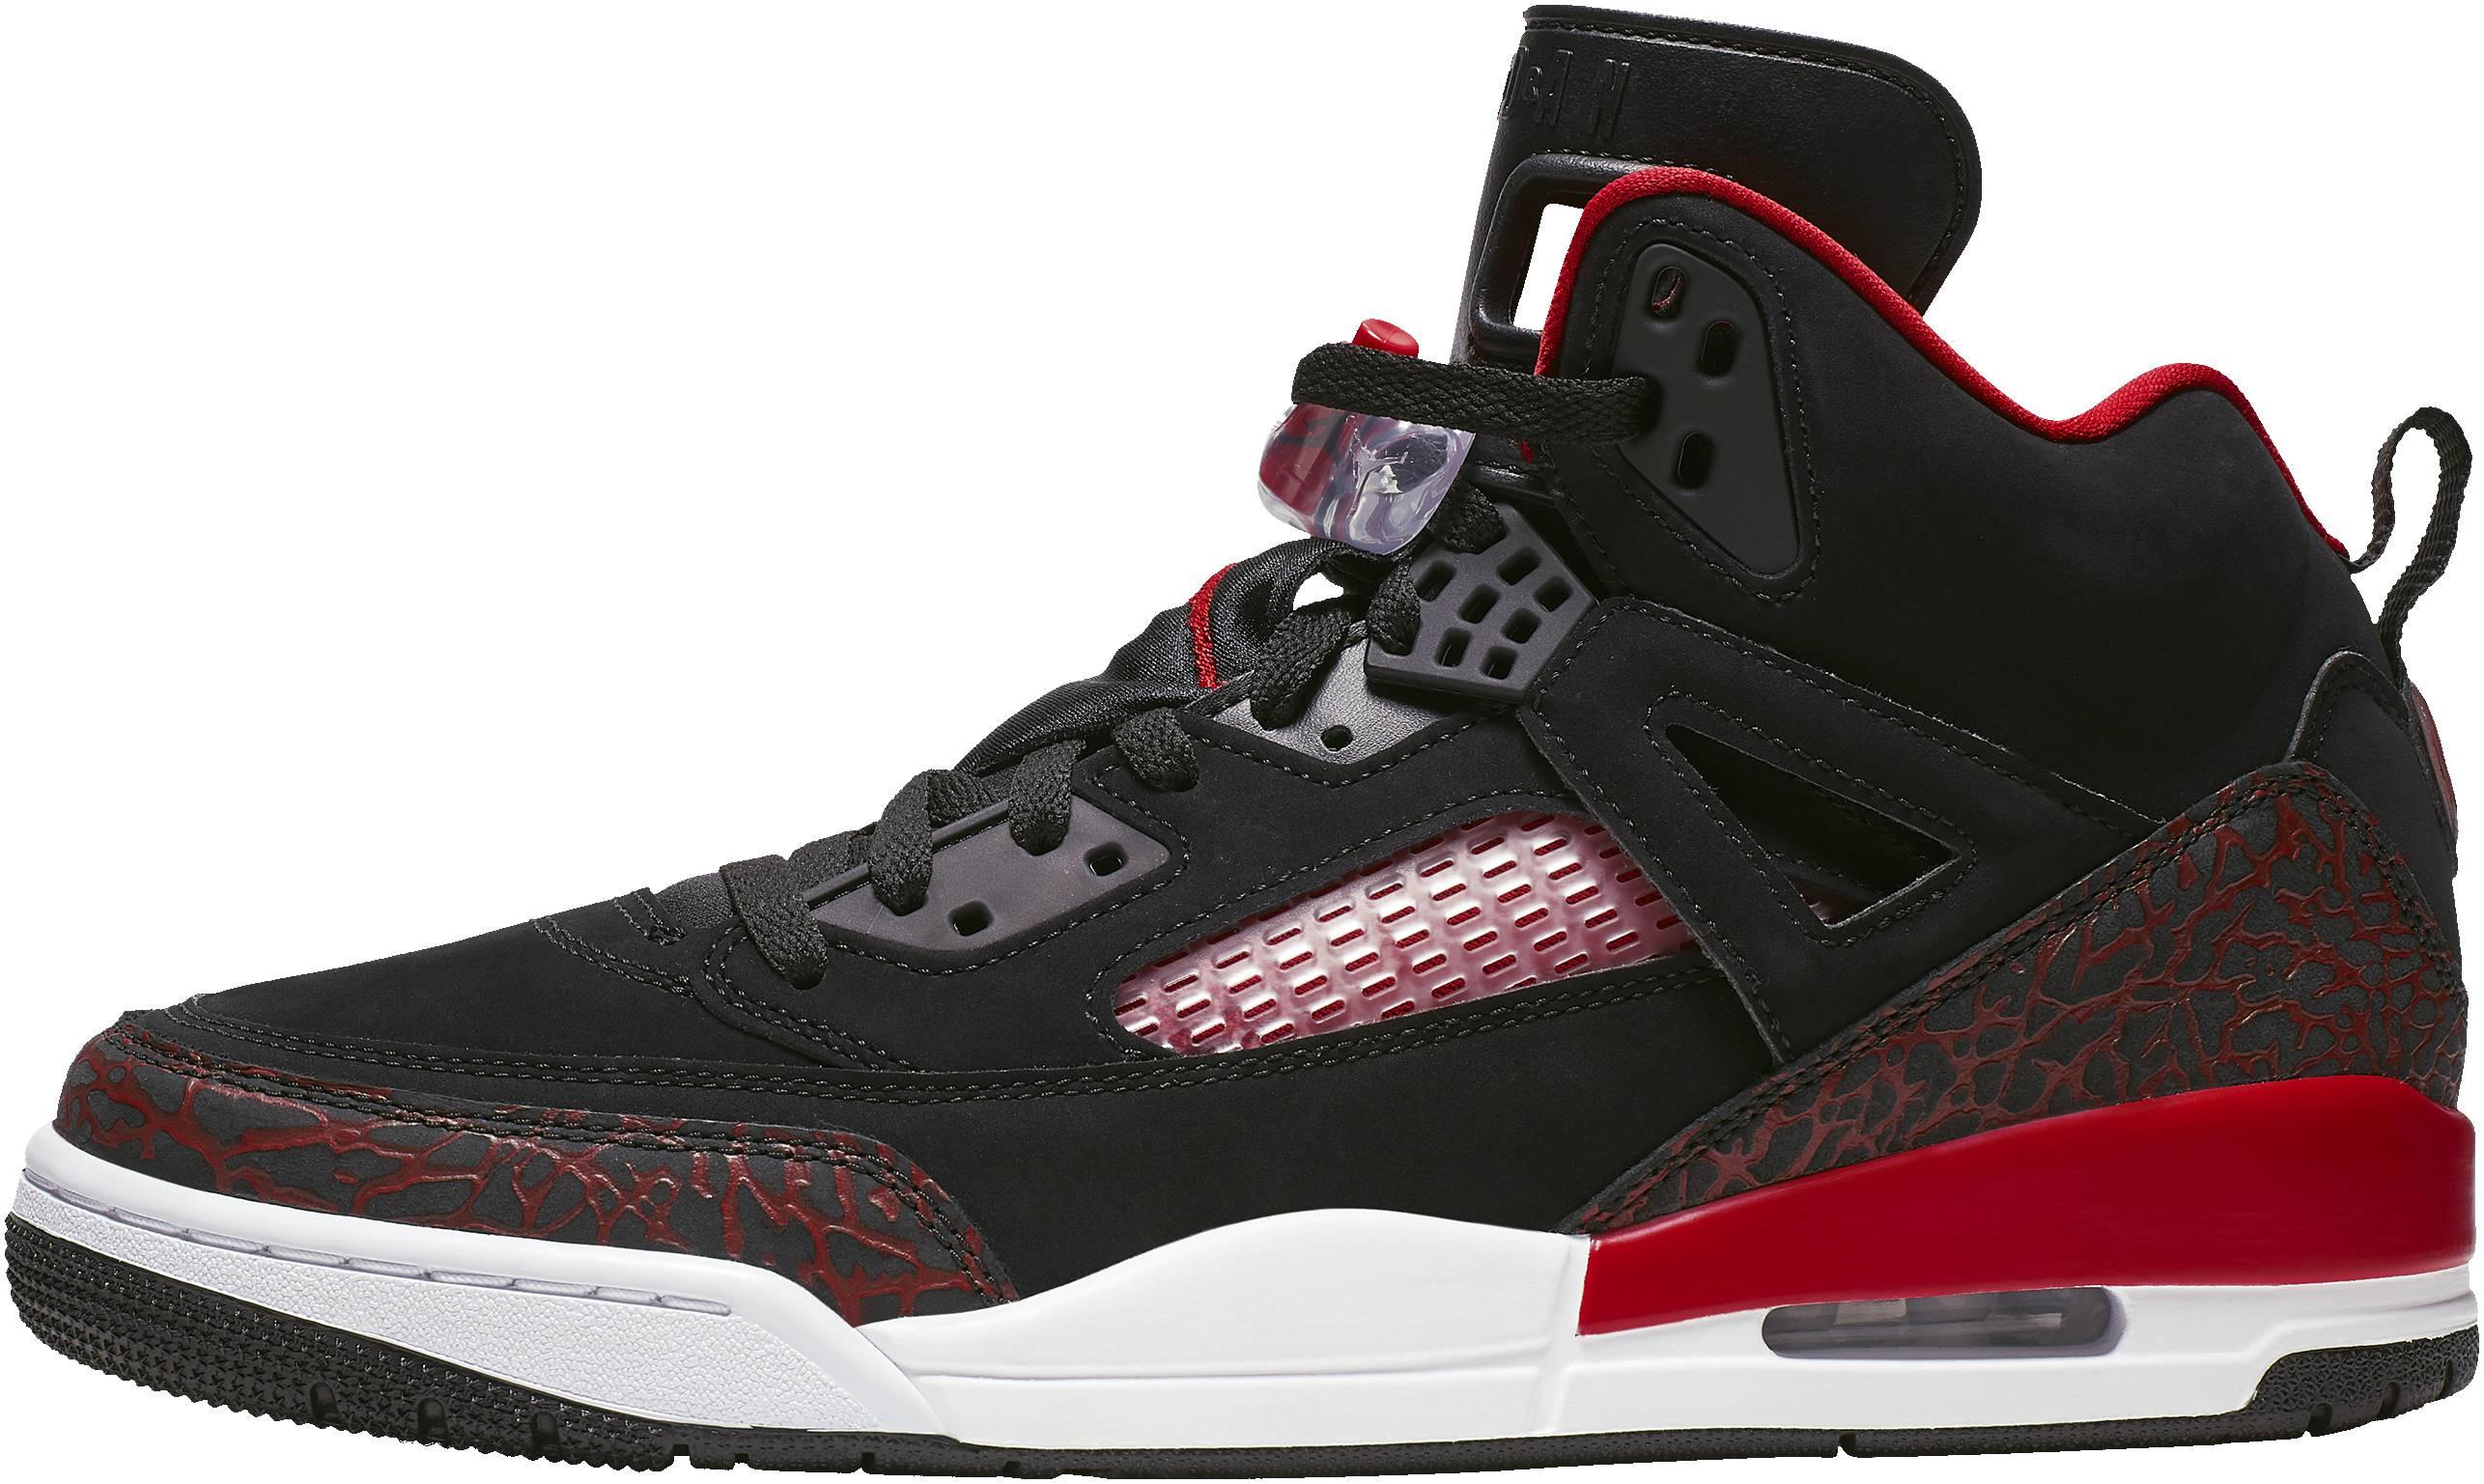 Jordan Spizike sneakers in 5 colors | RunRepeat